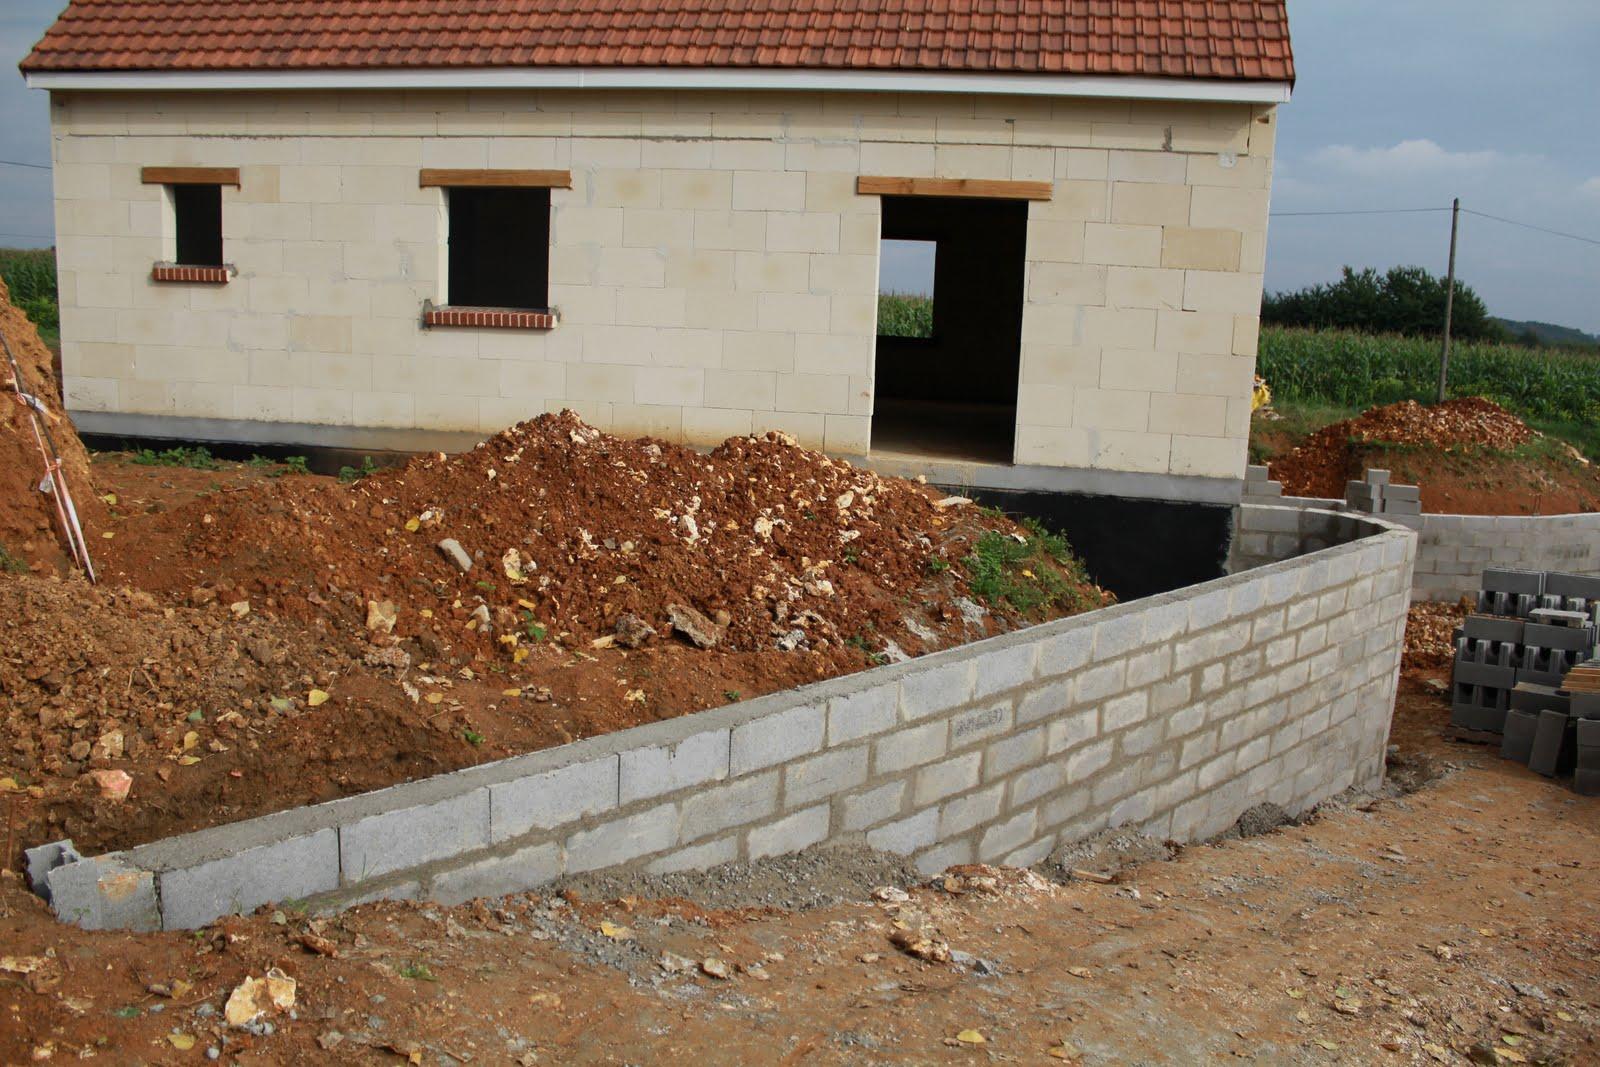 Fondation pour un mur avec une toupie au vu des distances for Fondation de la maison